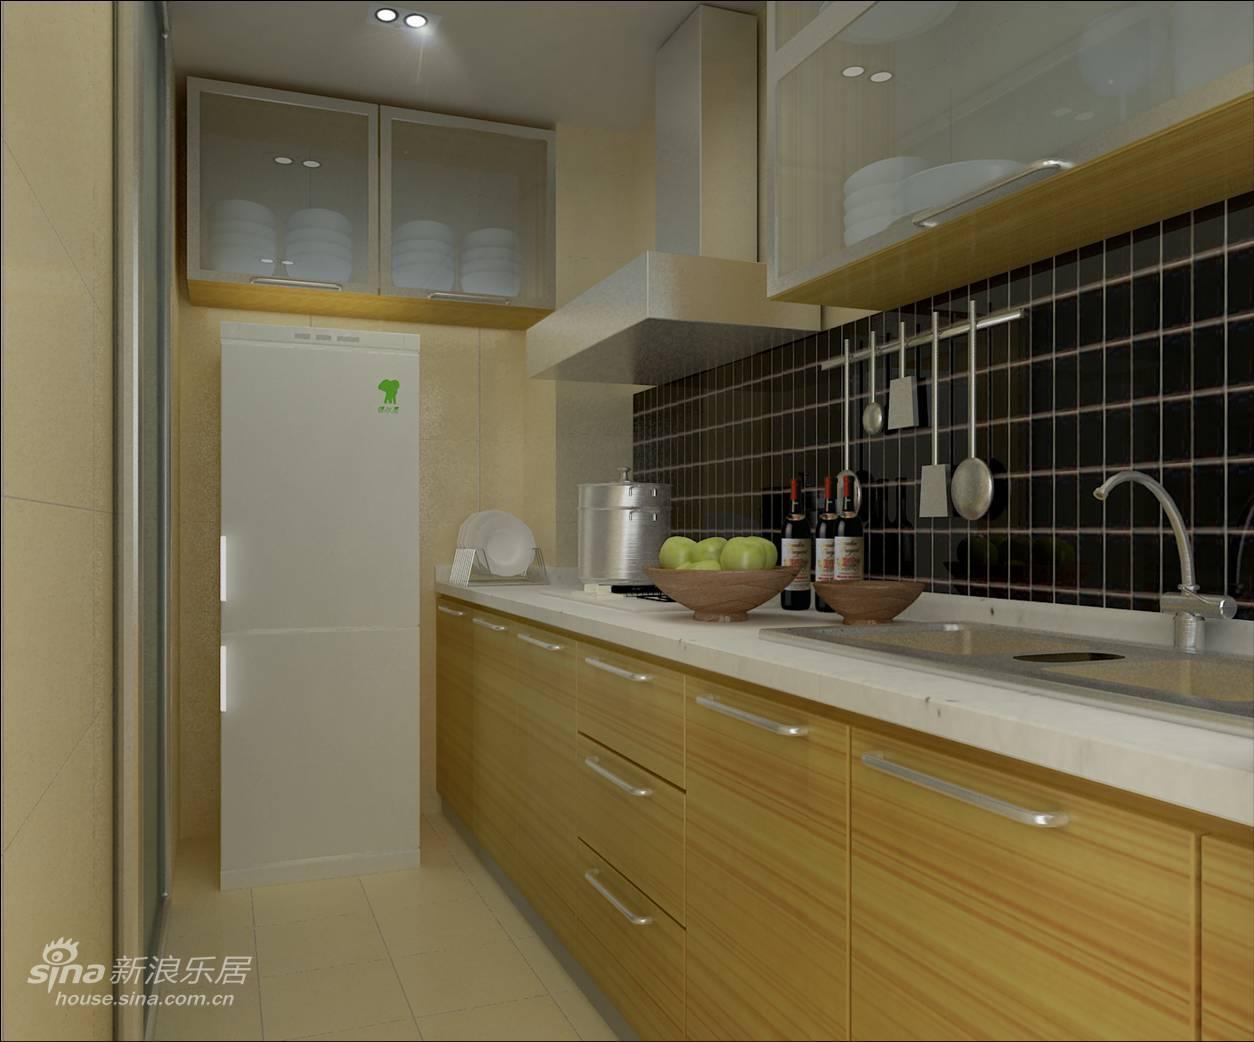 其他 二居 厨房图片来自用户2557963305在时尚的 设计23的分享